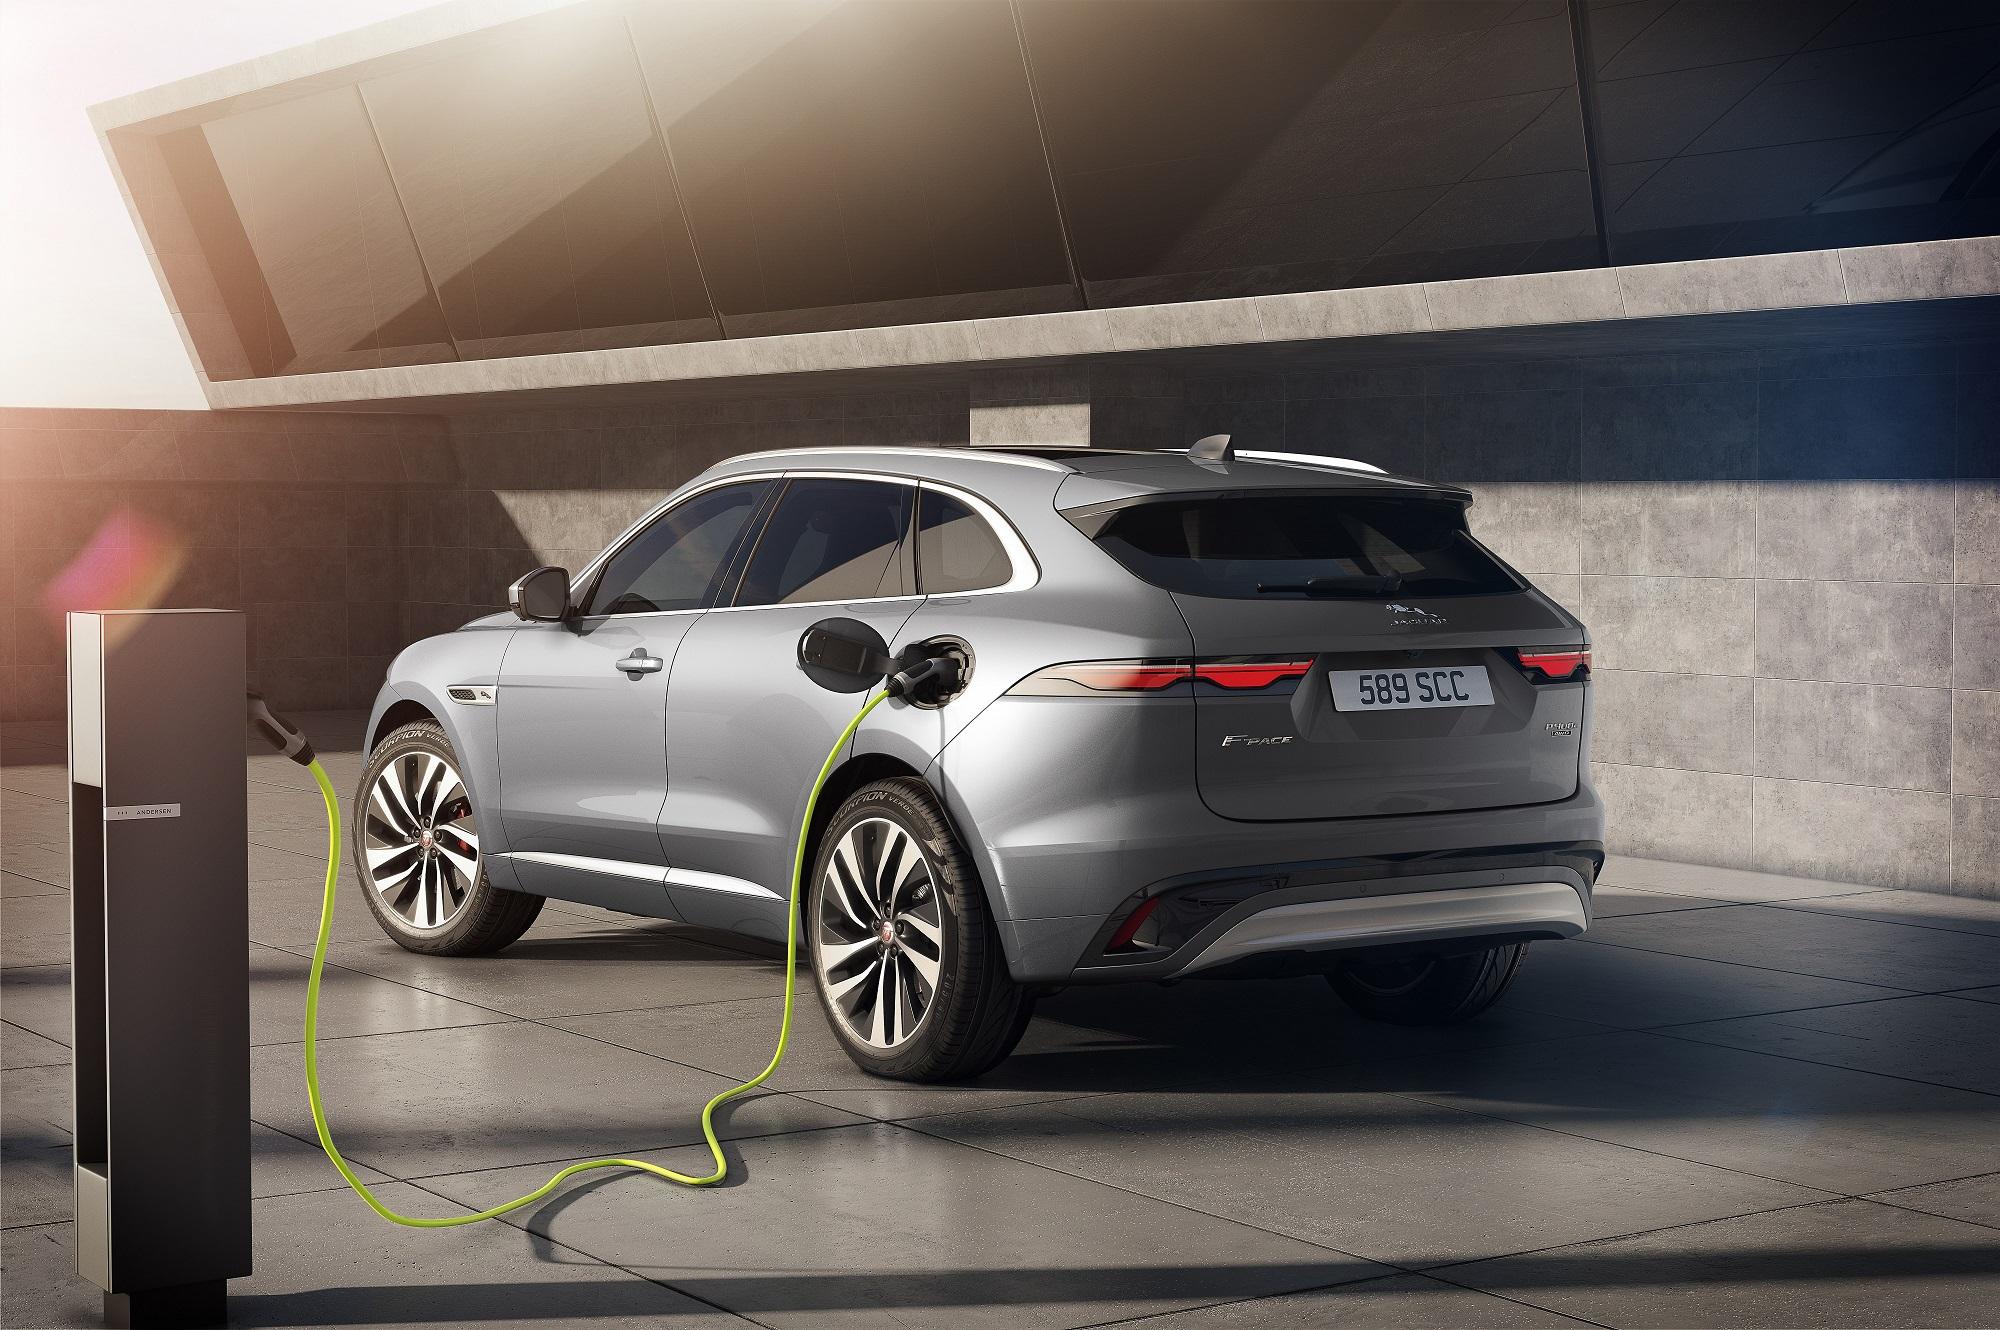 Auto Stahl der neue Jaguar F-Pace beim Laden